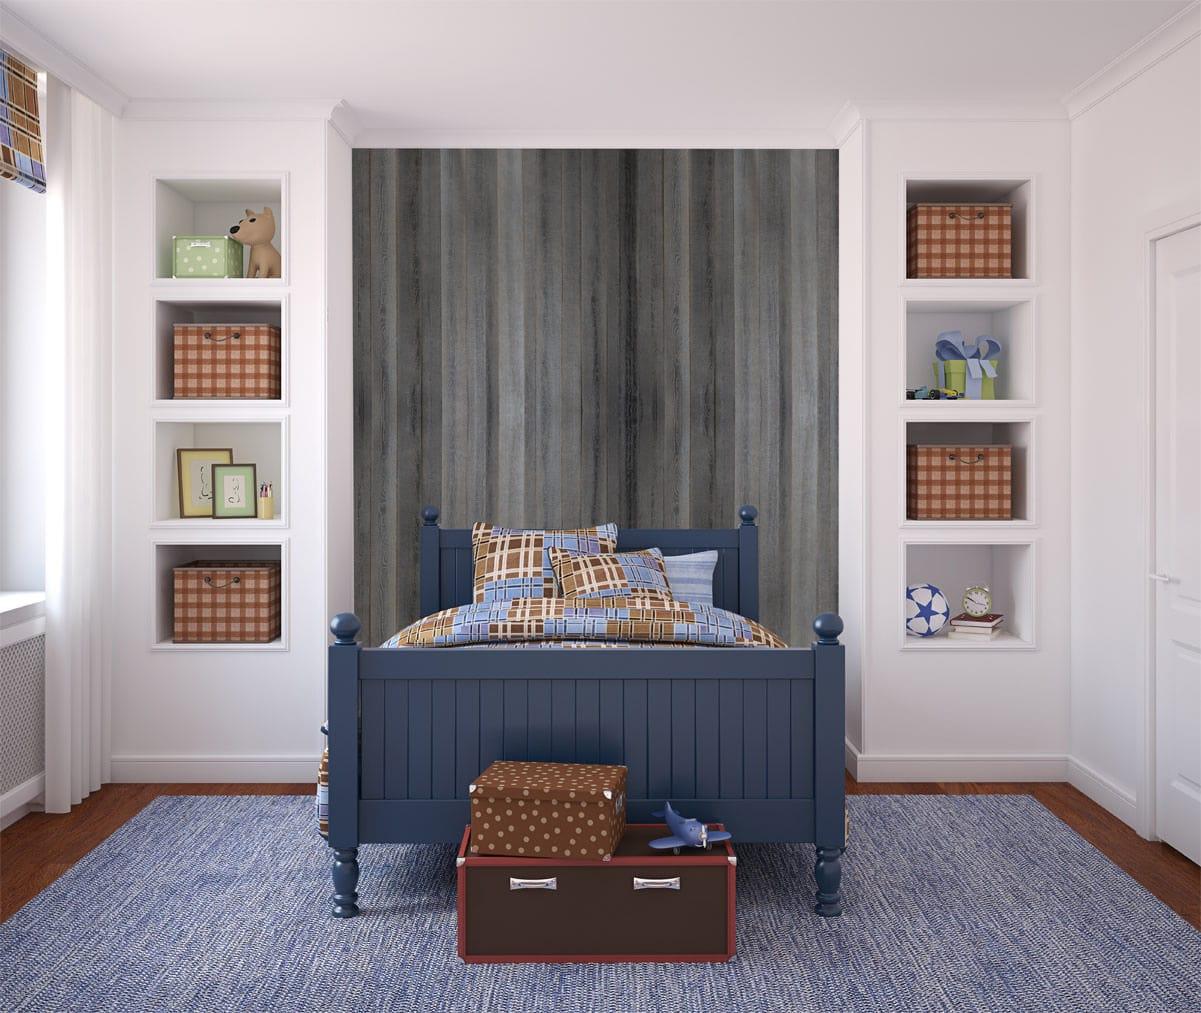 panneau dcoratif en bois pour agencement intrieur en matires recycles rustique panh468 - Bois Decoratif Pour Mur